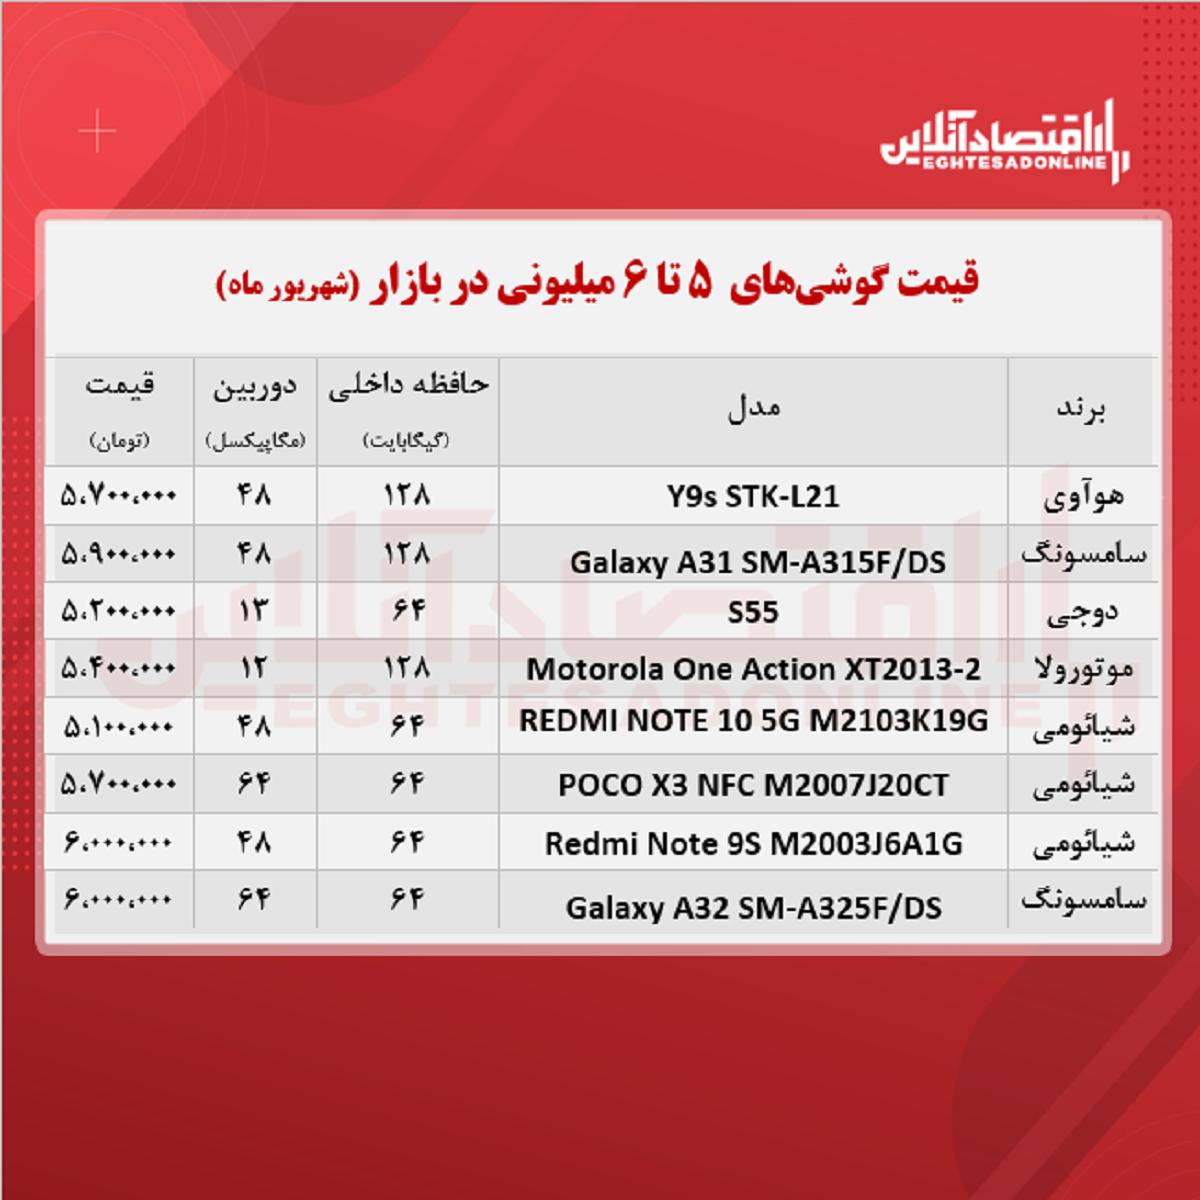 قیمت گوشی (محدوده ۶ میلیون تومان)